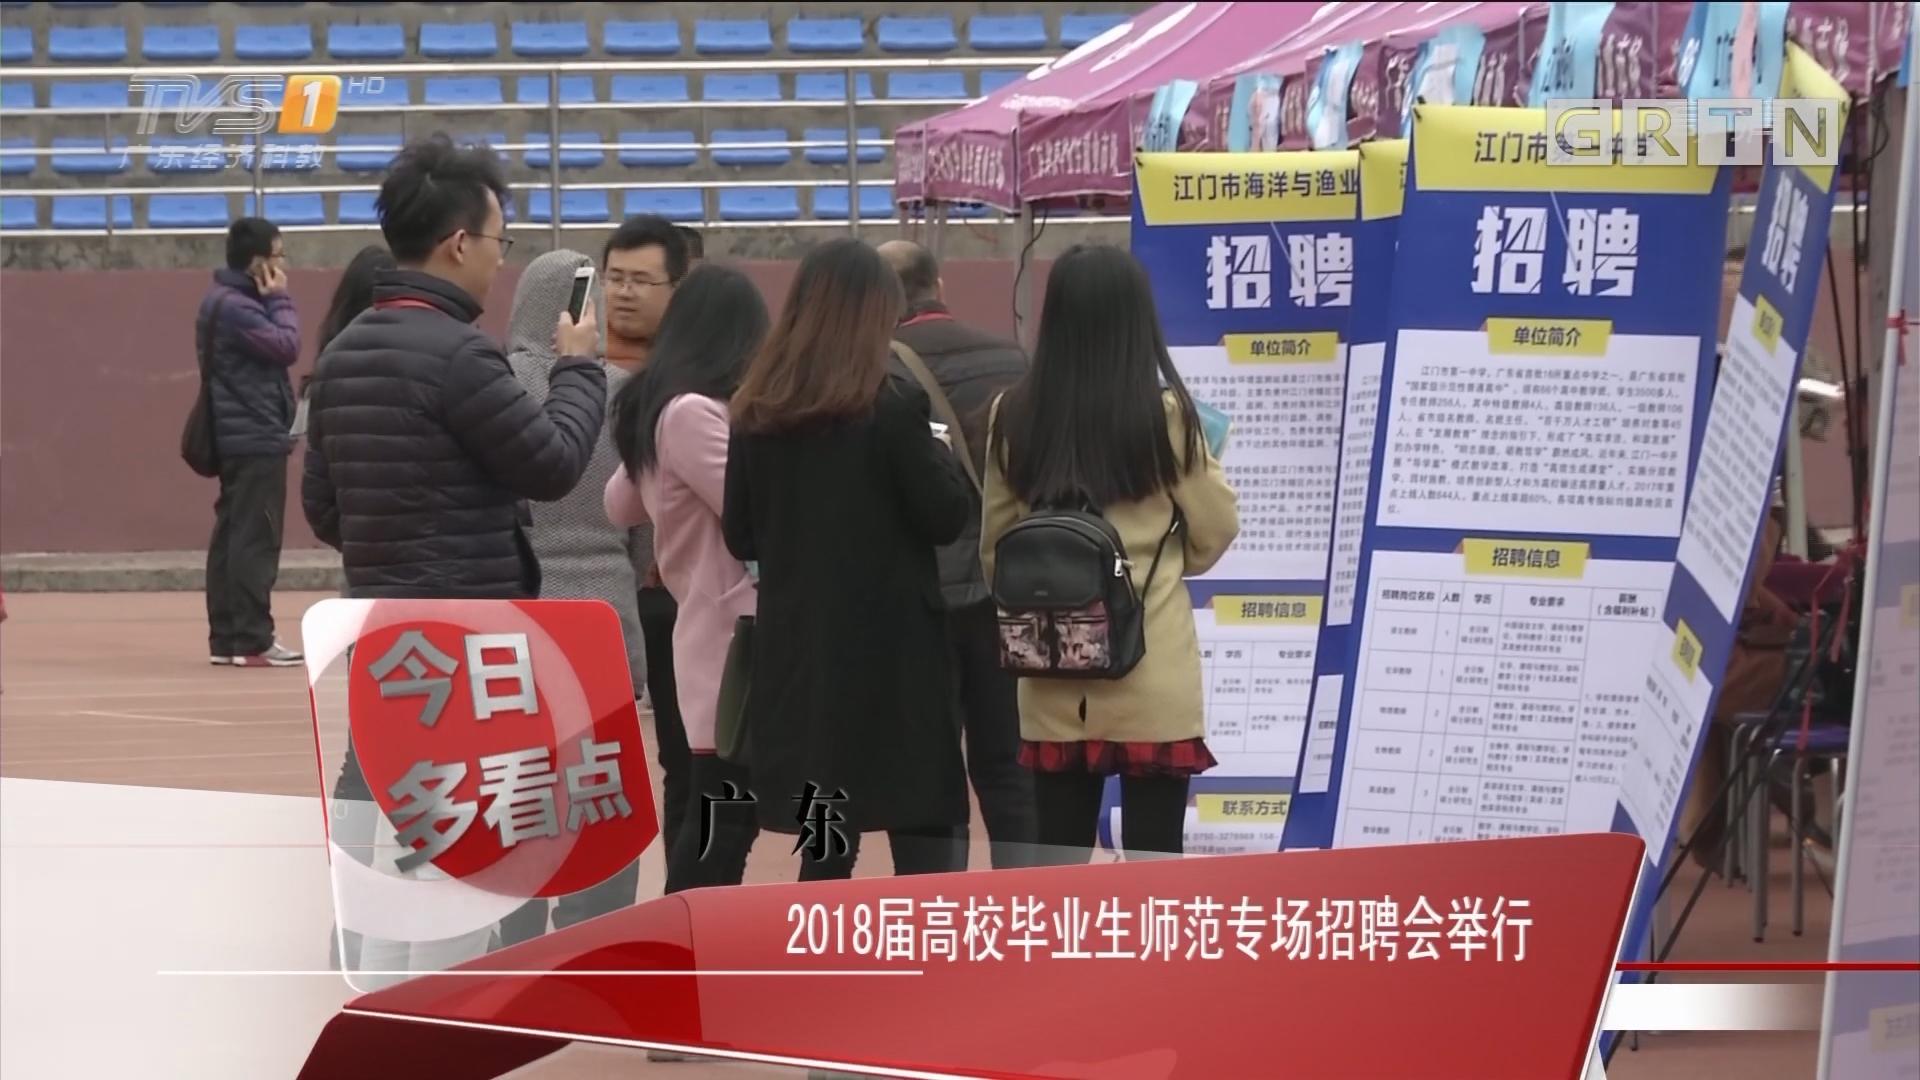 广东:2018届高校毕业生师范专场招聘会举行